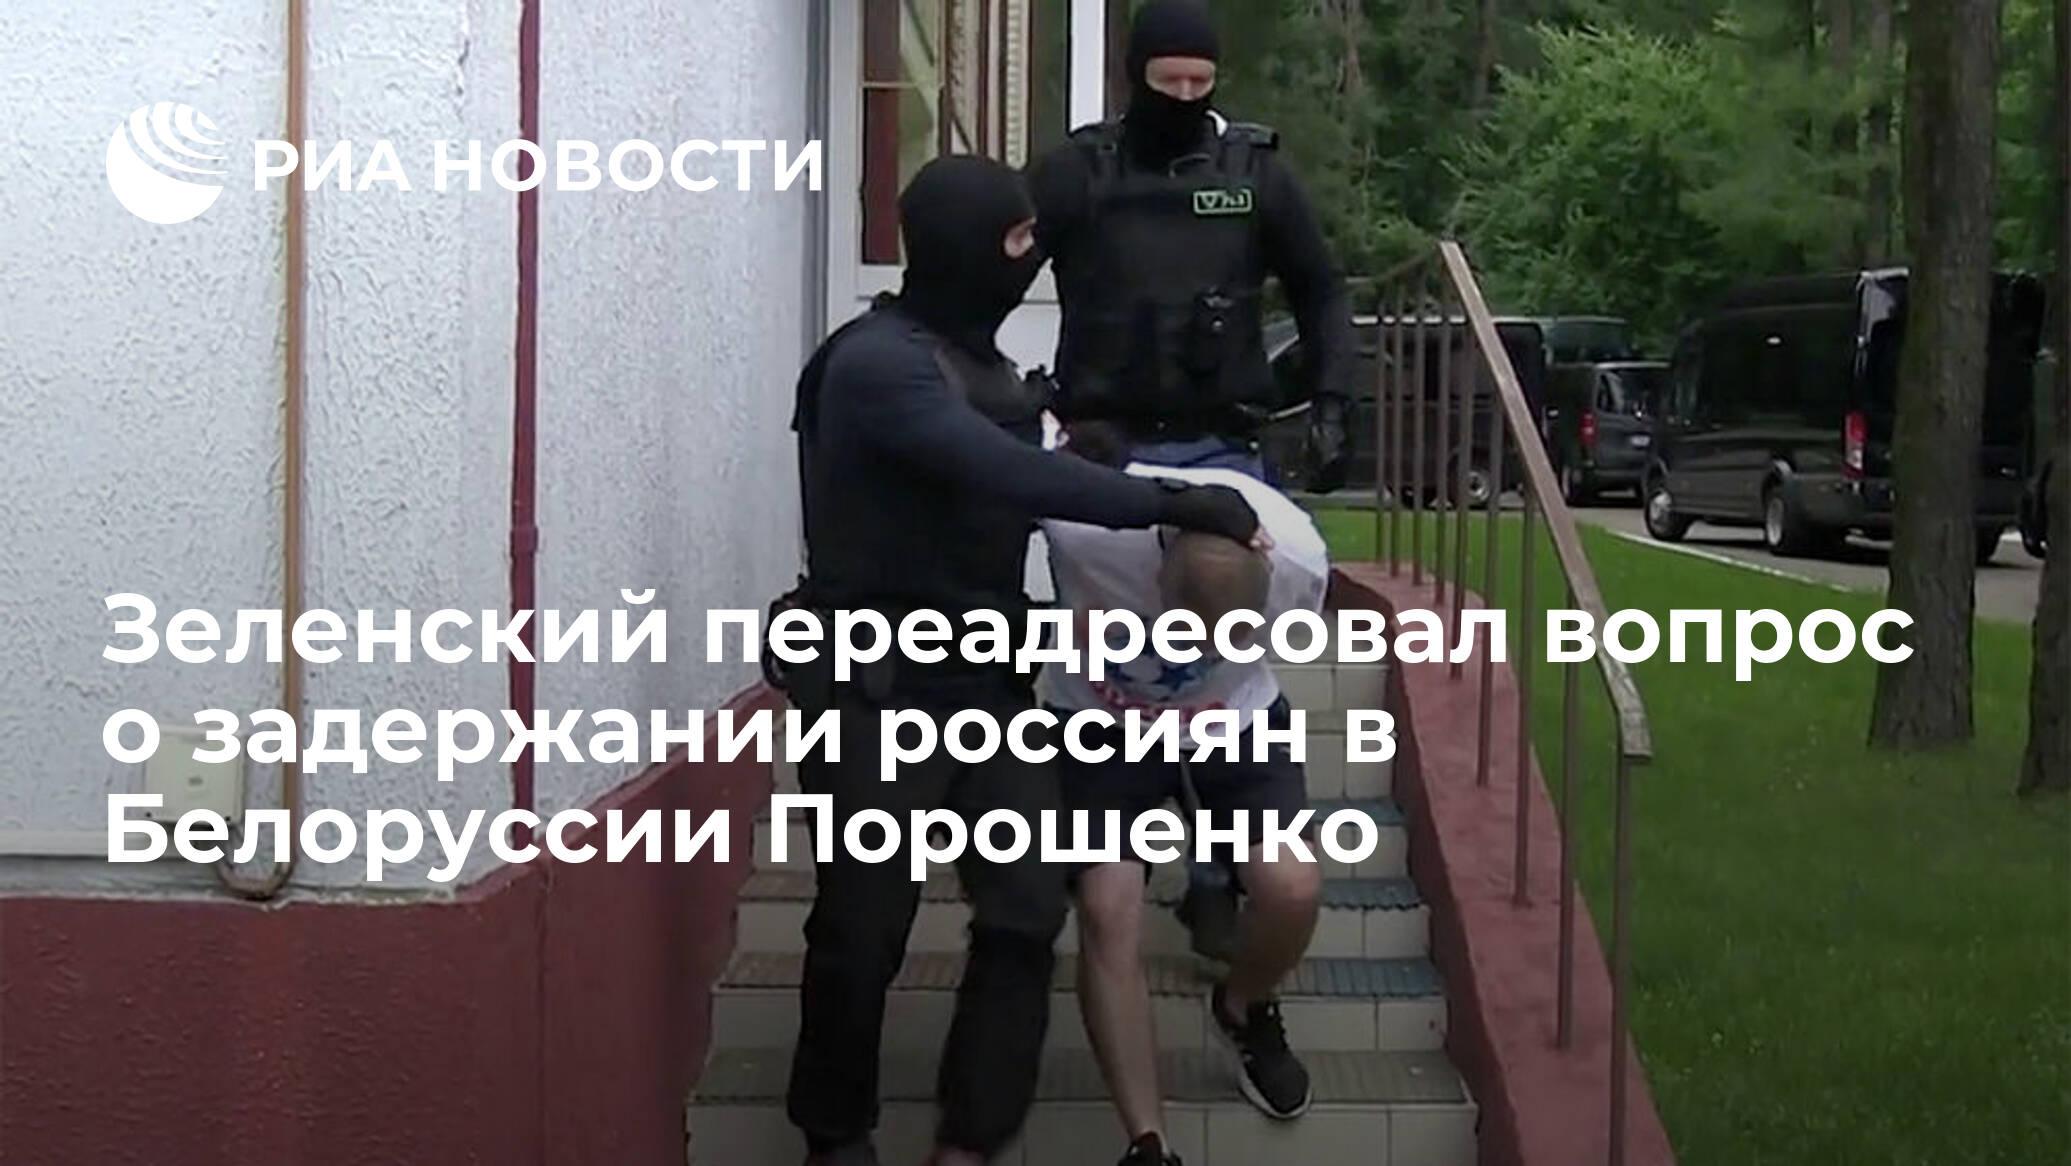 Зеленский переадресовал вопрос о задержании россиян в Белоруссии Порошенко